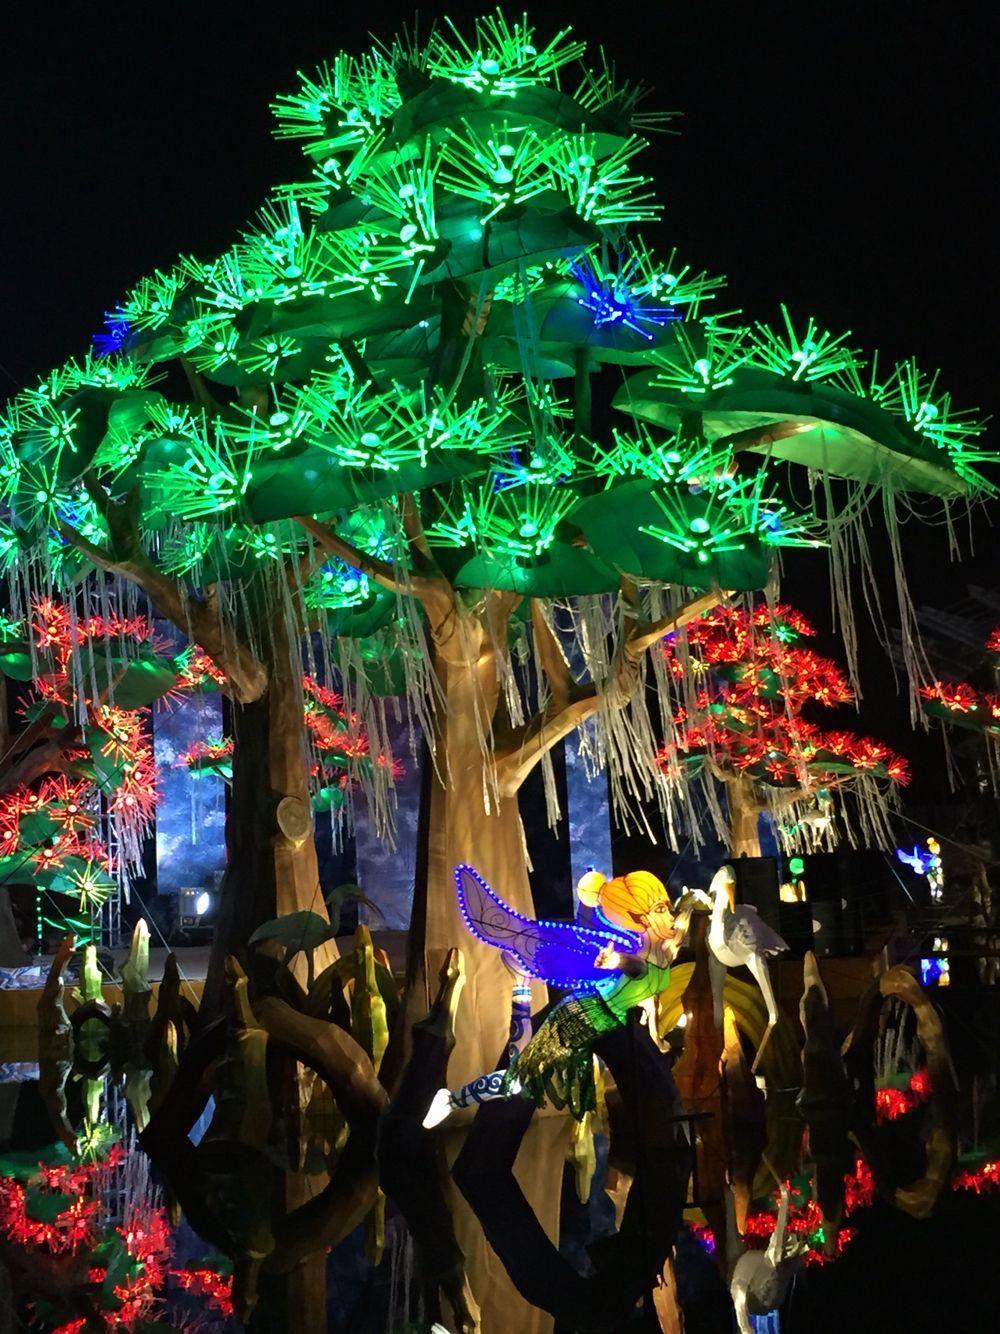 Dubai garden glow dubai dubaigarden Dubai garden